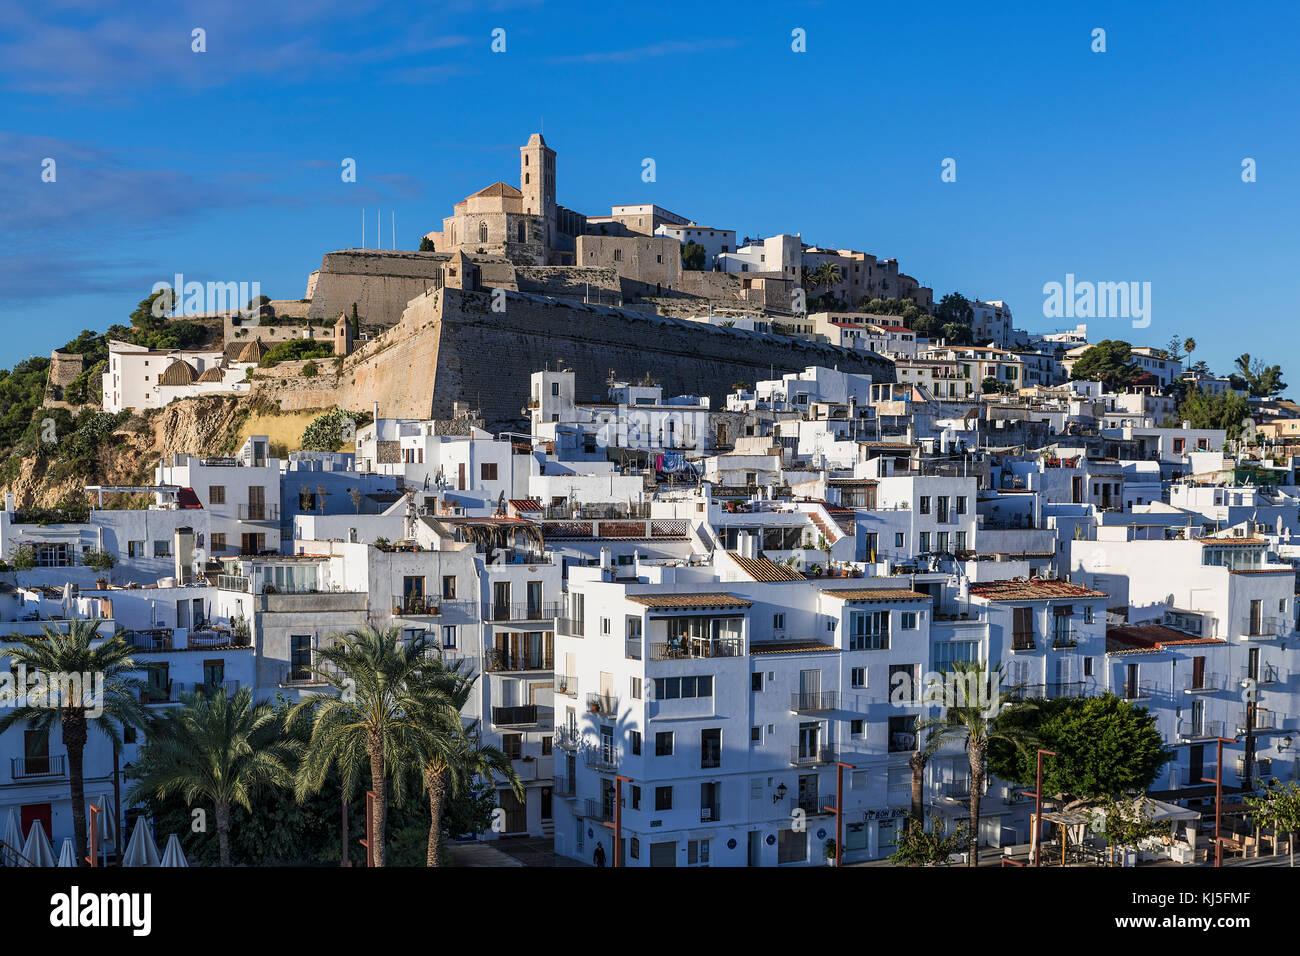 Ibiza Stadt und der Kathedrale Santa Maria d'Eivissa, Ibiza, Balearen, Spanien. Stockbild